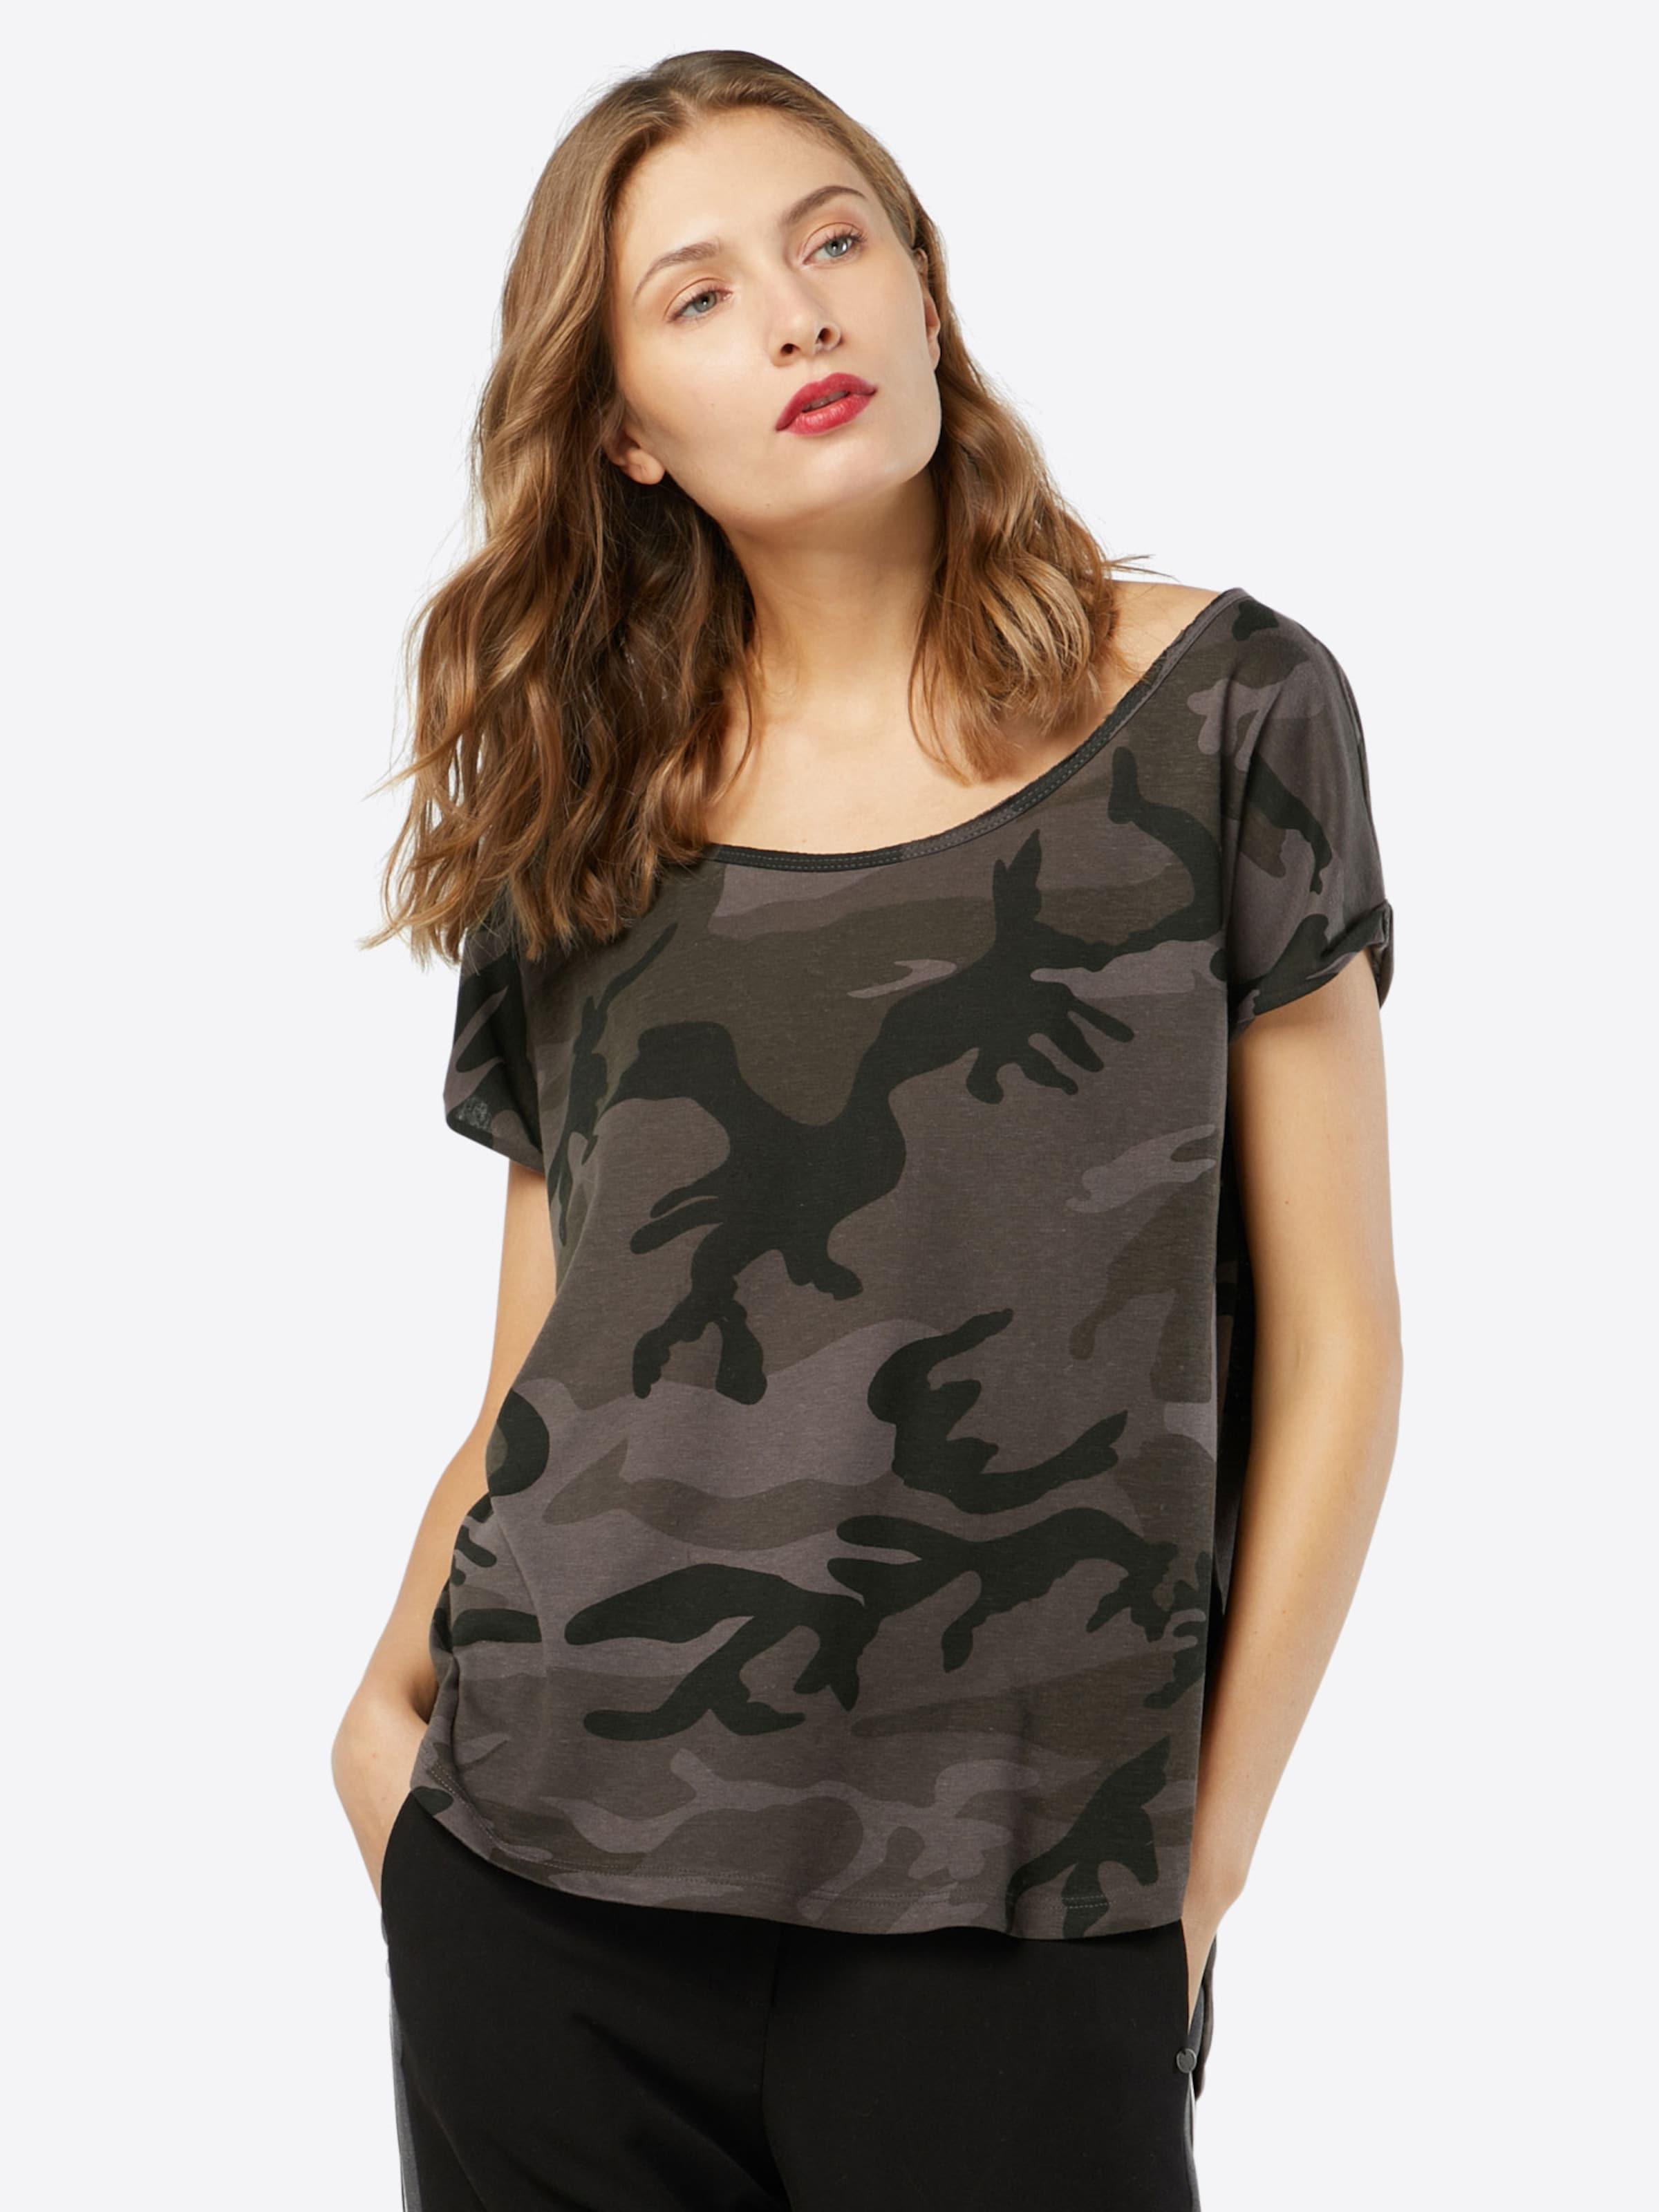 Amazon Kaufen Urban Classics T-Shirt 'Camo Back Shaped' Verkauf Ausgezeichnet Footlocker Online 2018 Neue Online Online-Shopping Günstigen Preis FG2MHcsK